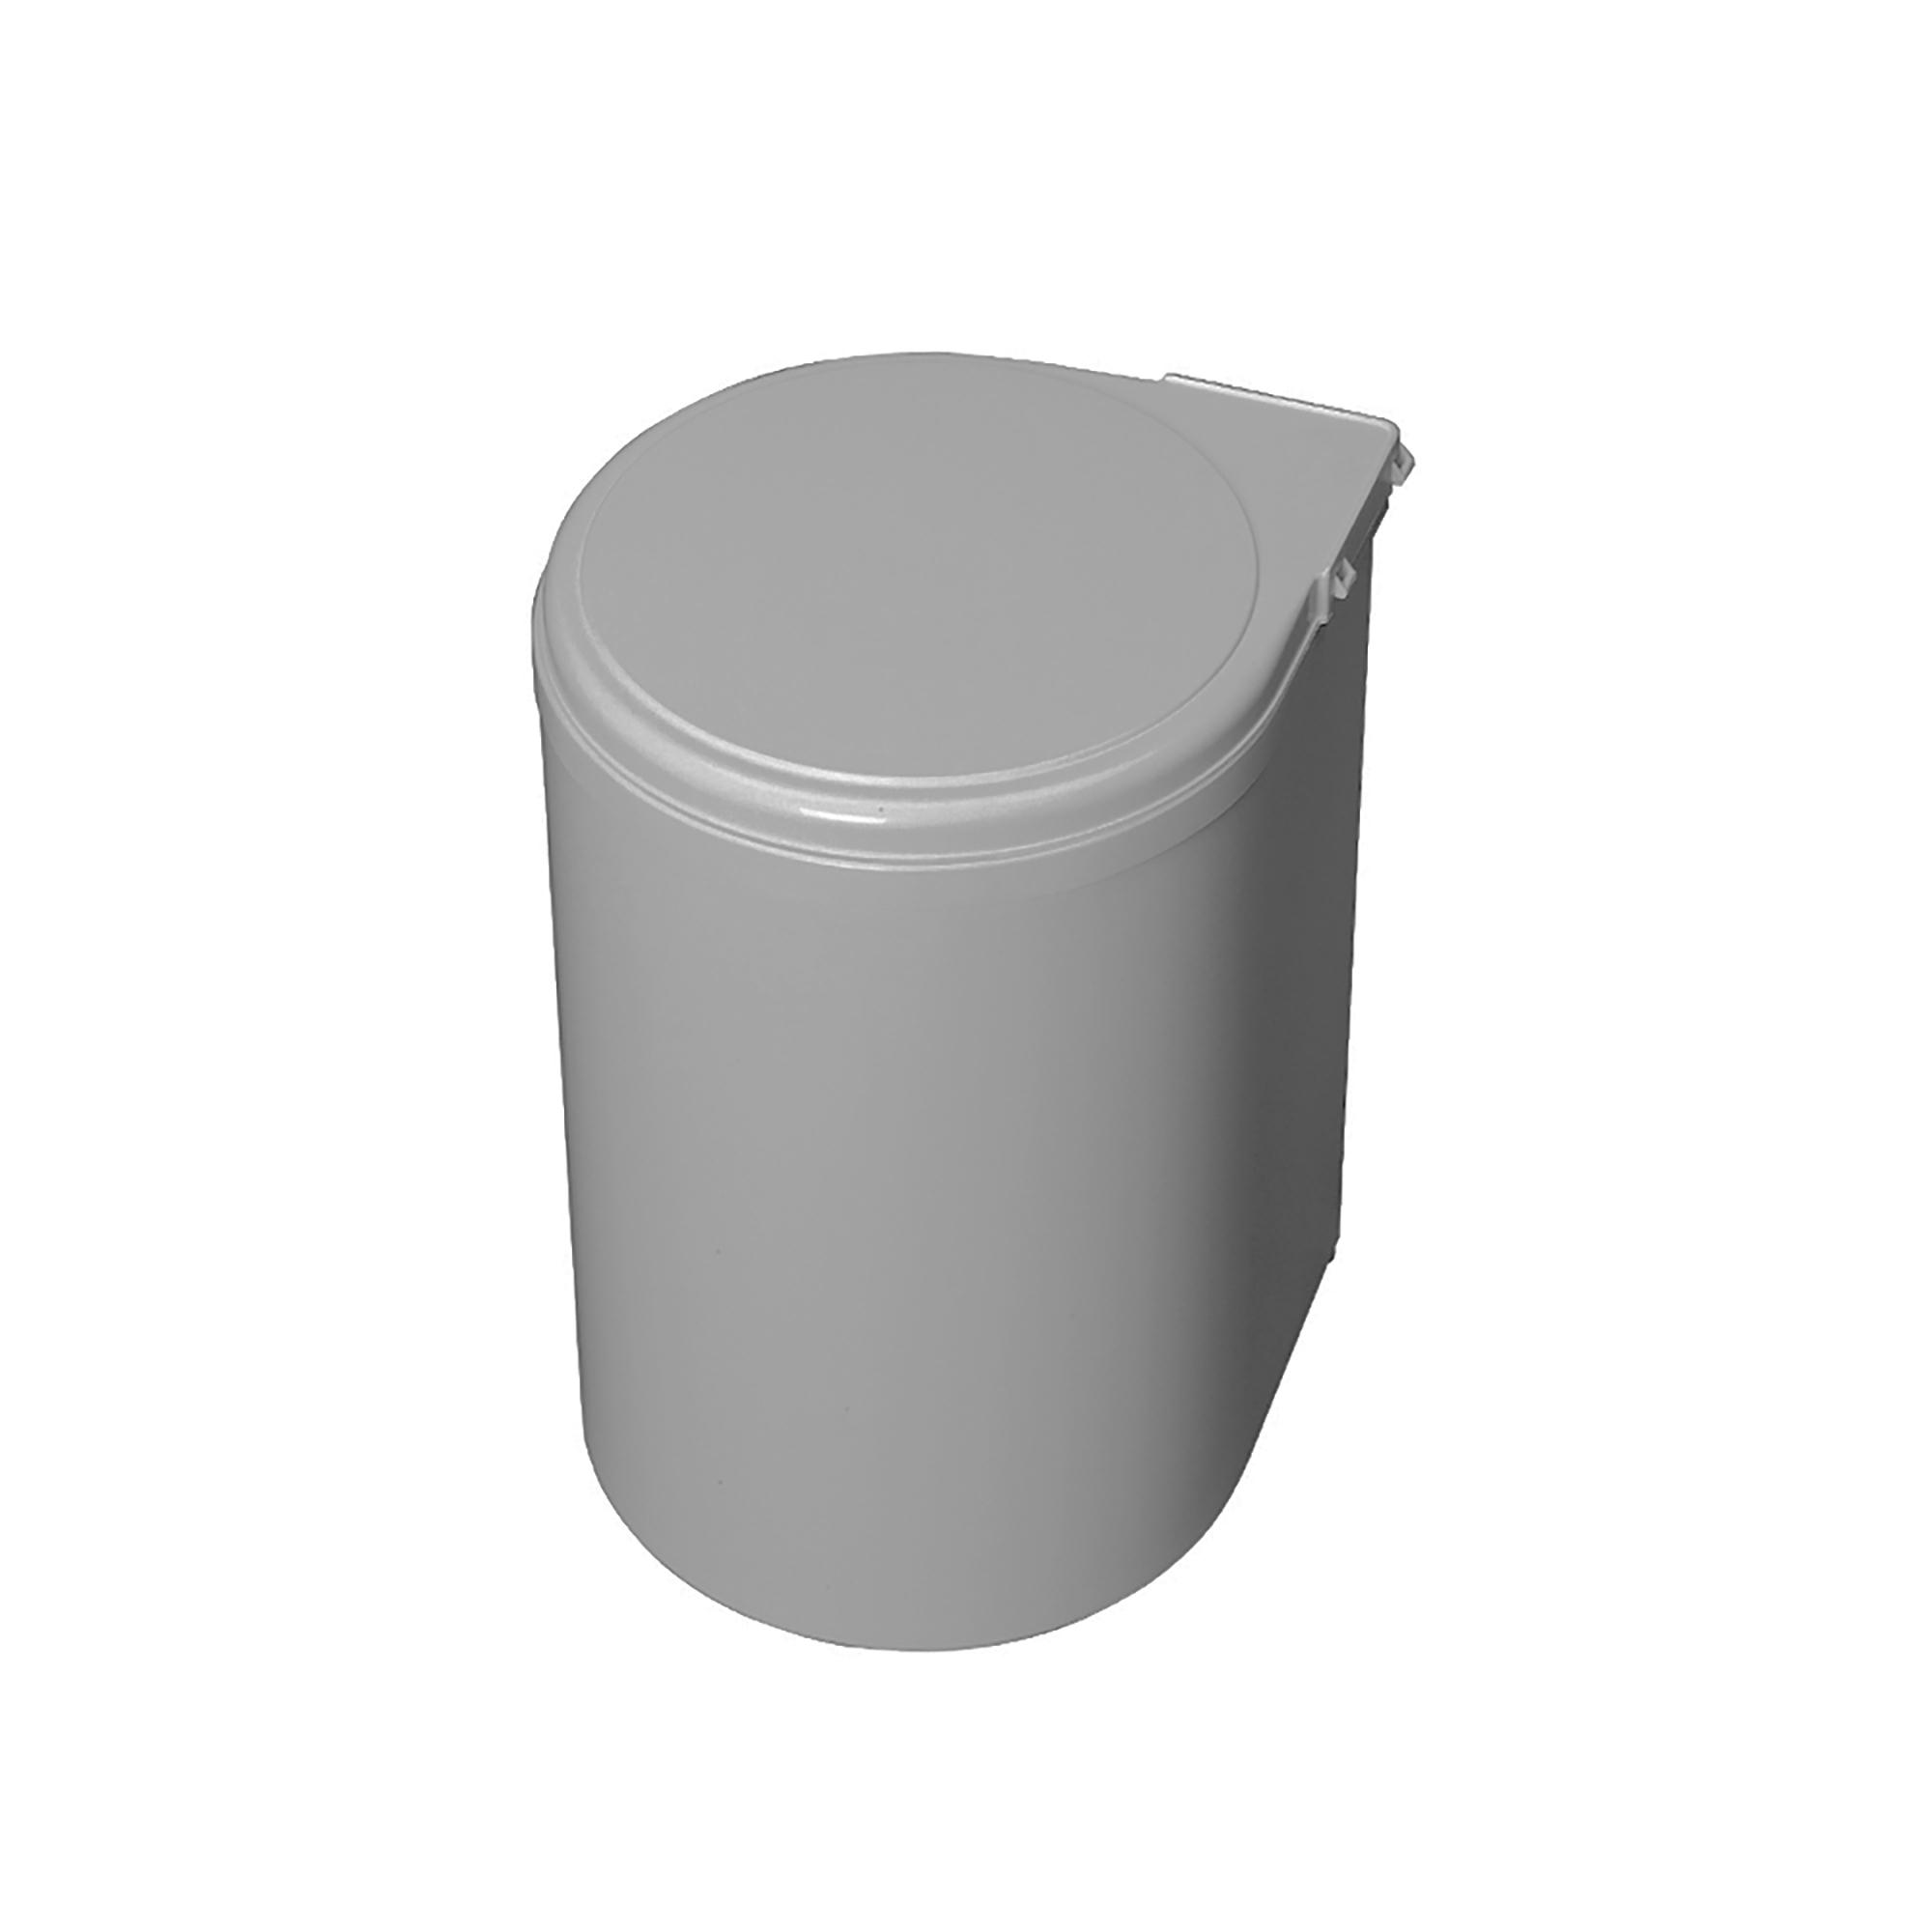 Emuca Pattumiera per differenziata, 13L, fissaggio all'anta, apertura automatica, Plastica, grigia.